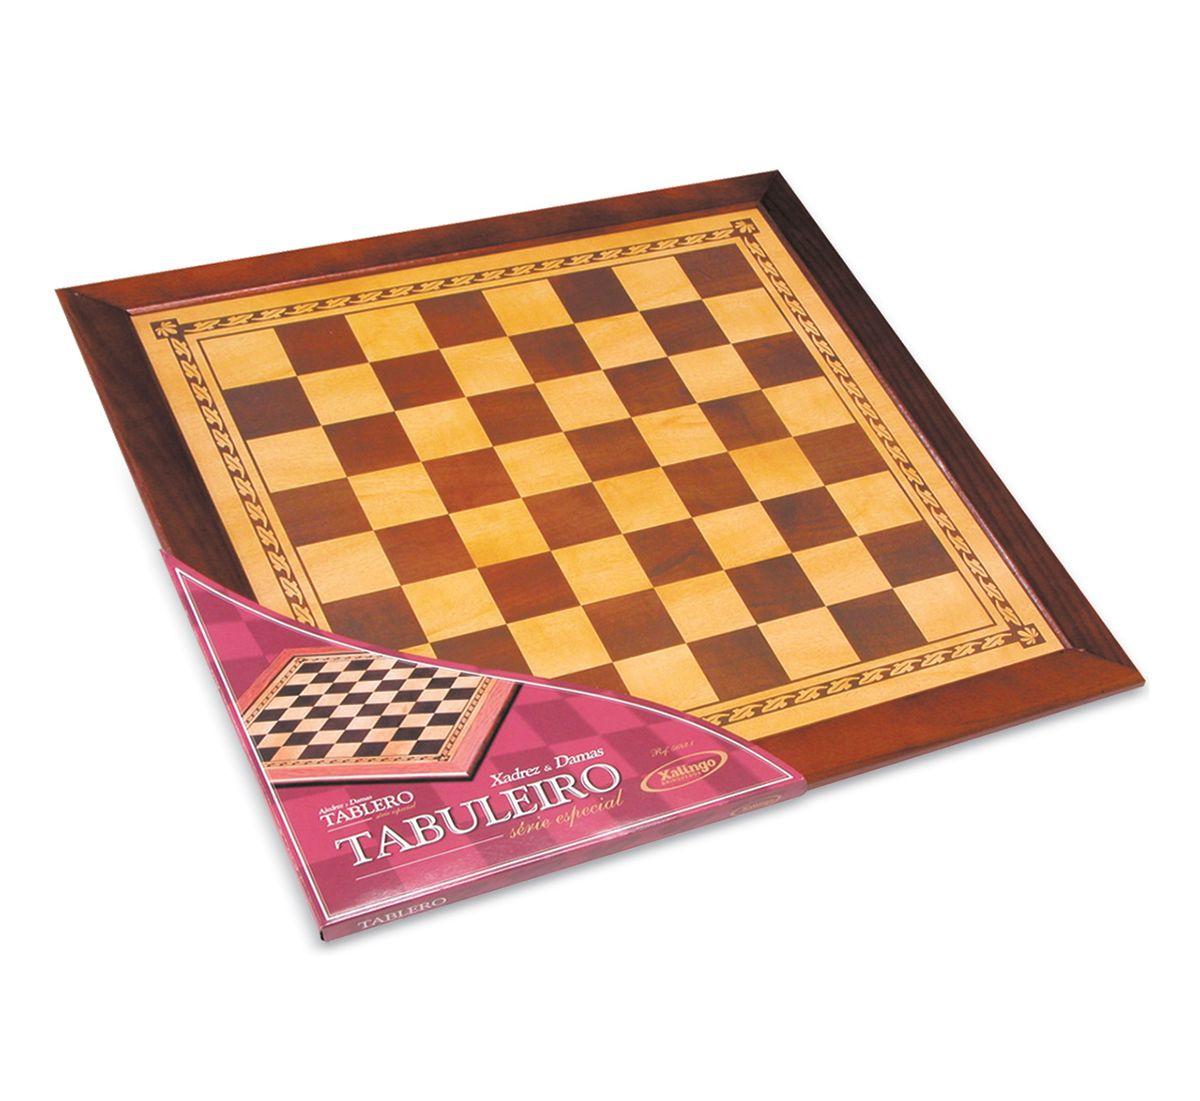 5642 1 Tabuleiro Xadrez E Damas Serie Especial Alto Padrao De